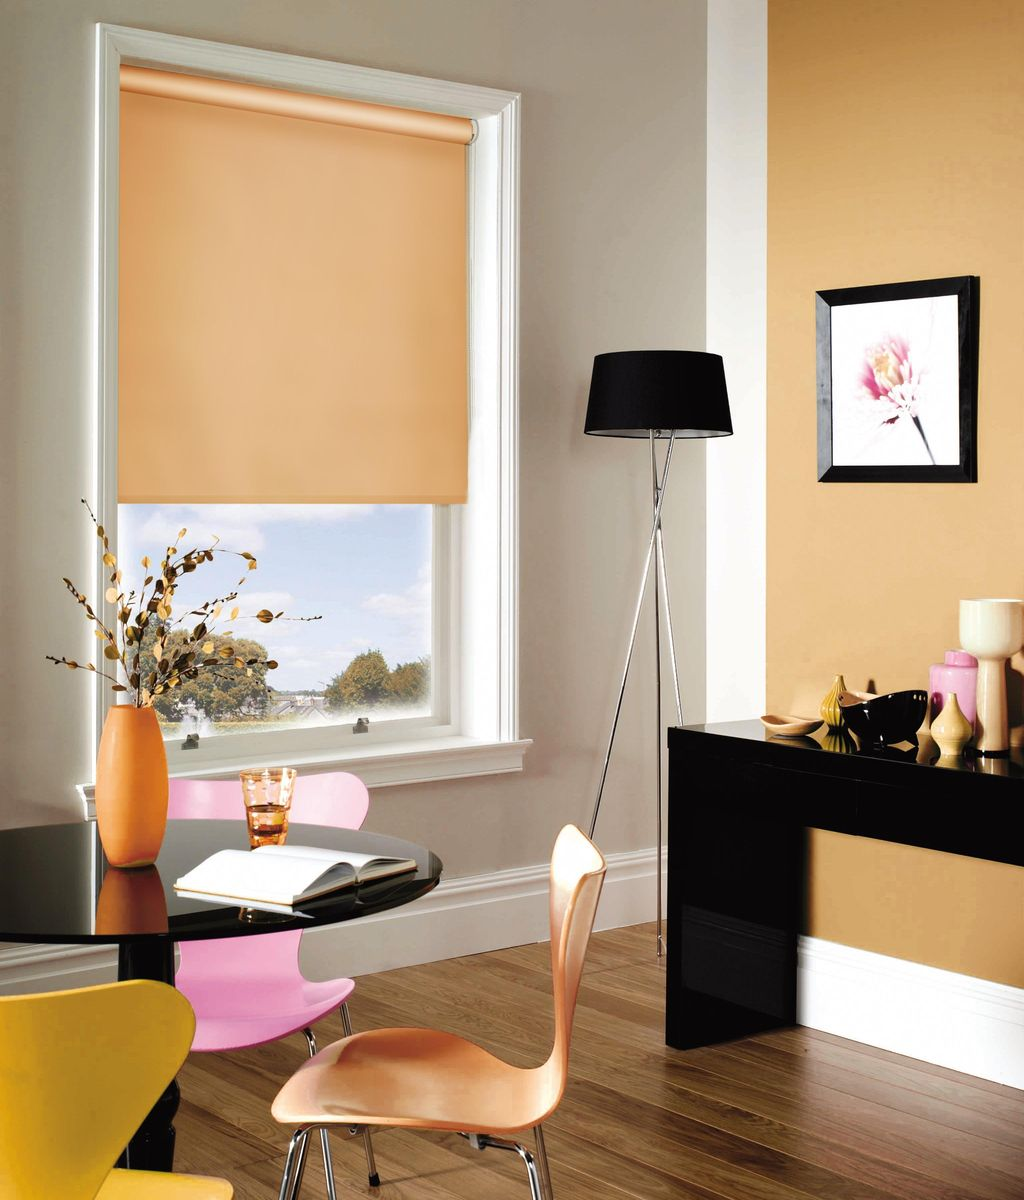 Штора рулонная Эскар, цвет: абрикосовый, ширина 160 см, высота 170 см112825Рулонными шторами можно оформлять окна как самостоятельно, так и использовать в комбинации с портьерами. Это поможет предотвратить выгорание дорогой ткани на солнце и соединит функционал рулонных с красотой навесных.Преимущества применения рулонных штор для пластиковых окон:- имеют прекрасный внешний вид: многообразие и фактурность материала изделия отлично смотрятся в любом интерьере; - многофункциональны: есть возможность подобрать шторы способные эффективно защитить комнату от солнца, при этом о на не будет слишком темной. - Есть возможность осуществить быстрый монтаж. ВНИМАНИЕ! Размеры ширины изделия указаны по ширине ткани!Во время эксплуатации не рекомендуется полностью разматывать рулон, чтобы не оторвать ткань от намоточного вала.В случае загрязнения поверхности ткани, чистку шторы проводят одним из способов, в зависимости от типа загрязнения: легкое поверхностное загрязнение можно удалить при помощи канцелярского ластика; чистка от пыли производится сухим методом при помощи пылесоса с мягкой щеткой-насадкой; для удаления пятна используйте мягкую губку с пенообразующим неагрессивным моющим средством или пятновыводитель на натуральной основе (нельзя применять растворители).